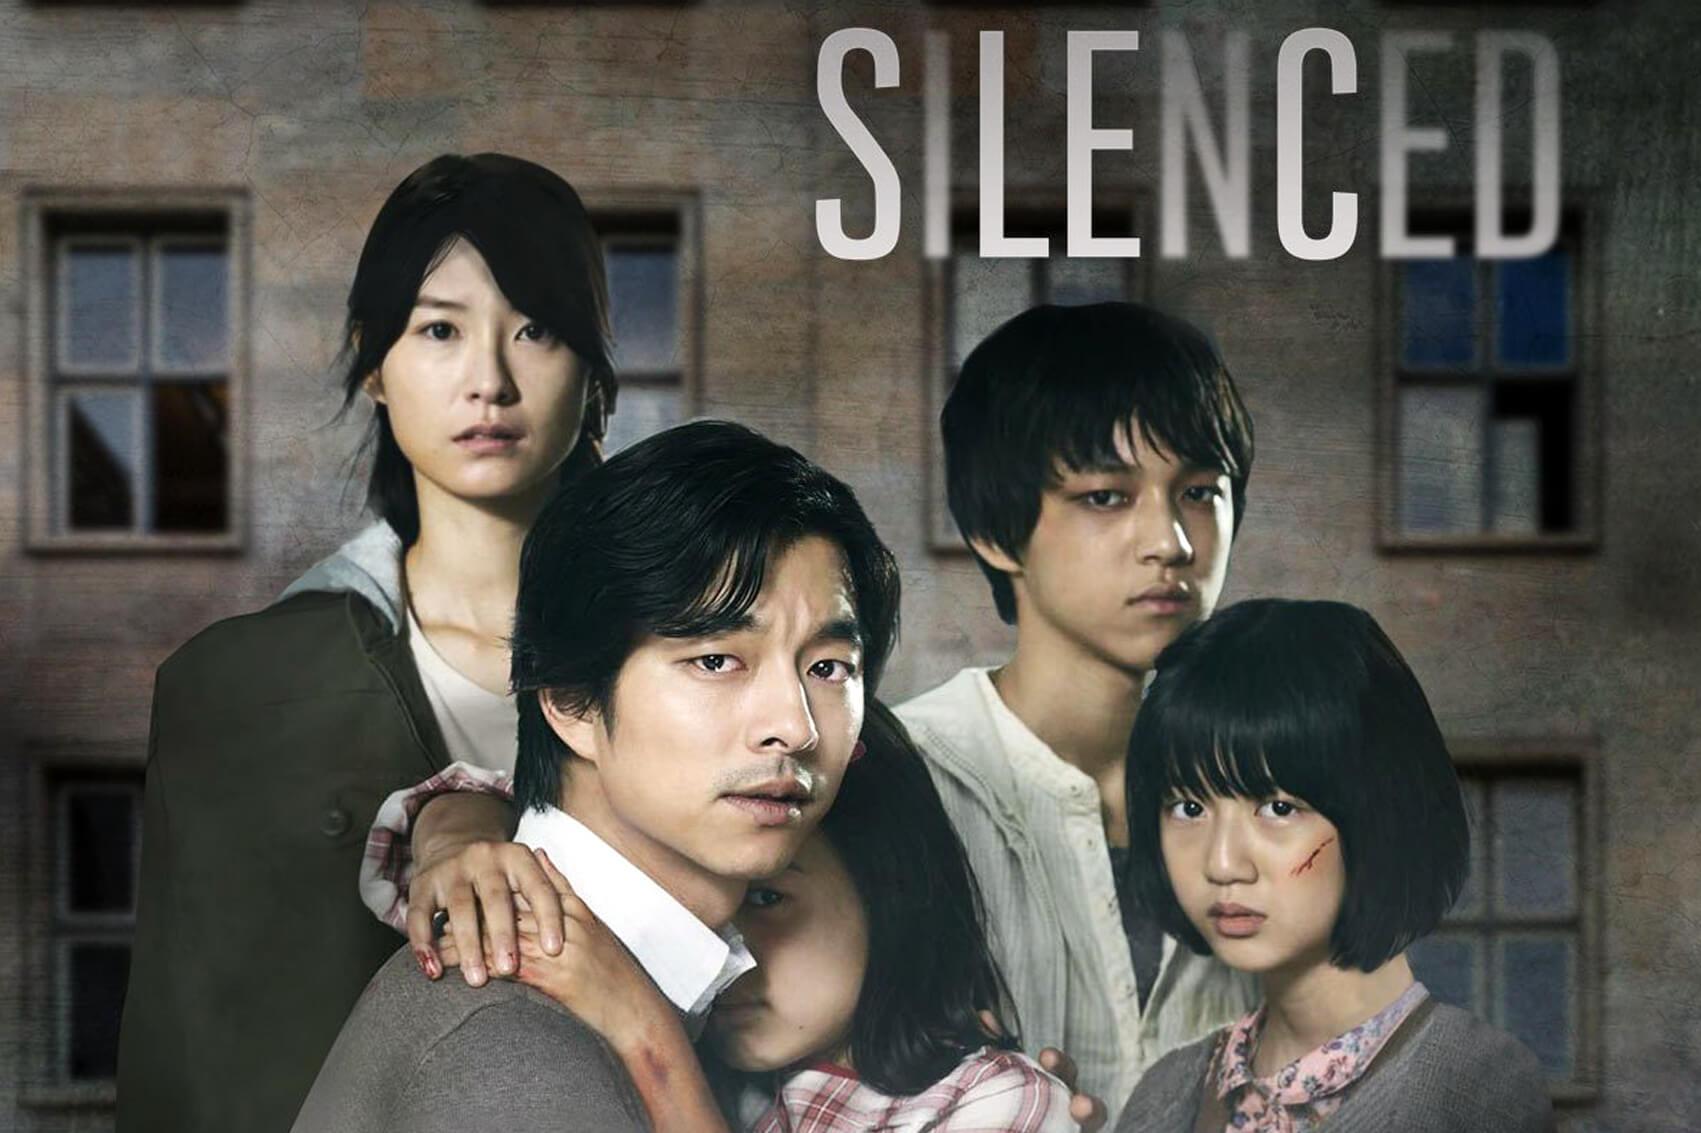 Bộ phim ấu dâm bao trùm sự im lặng đến đáng sợ